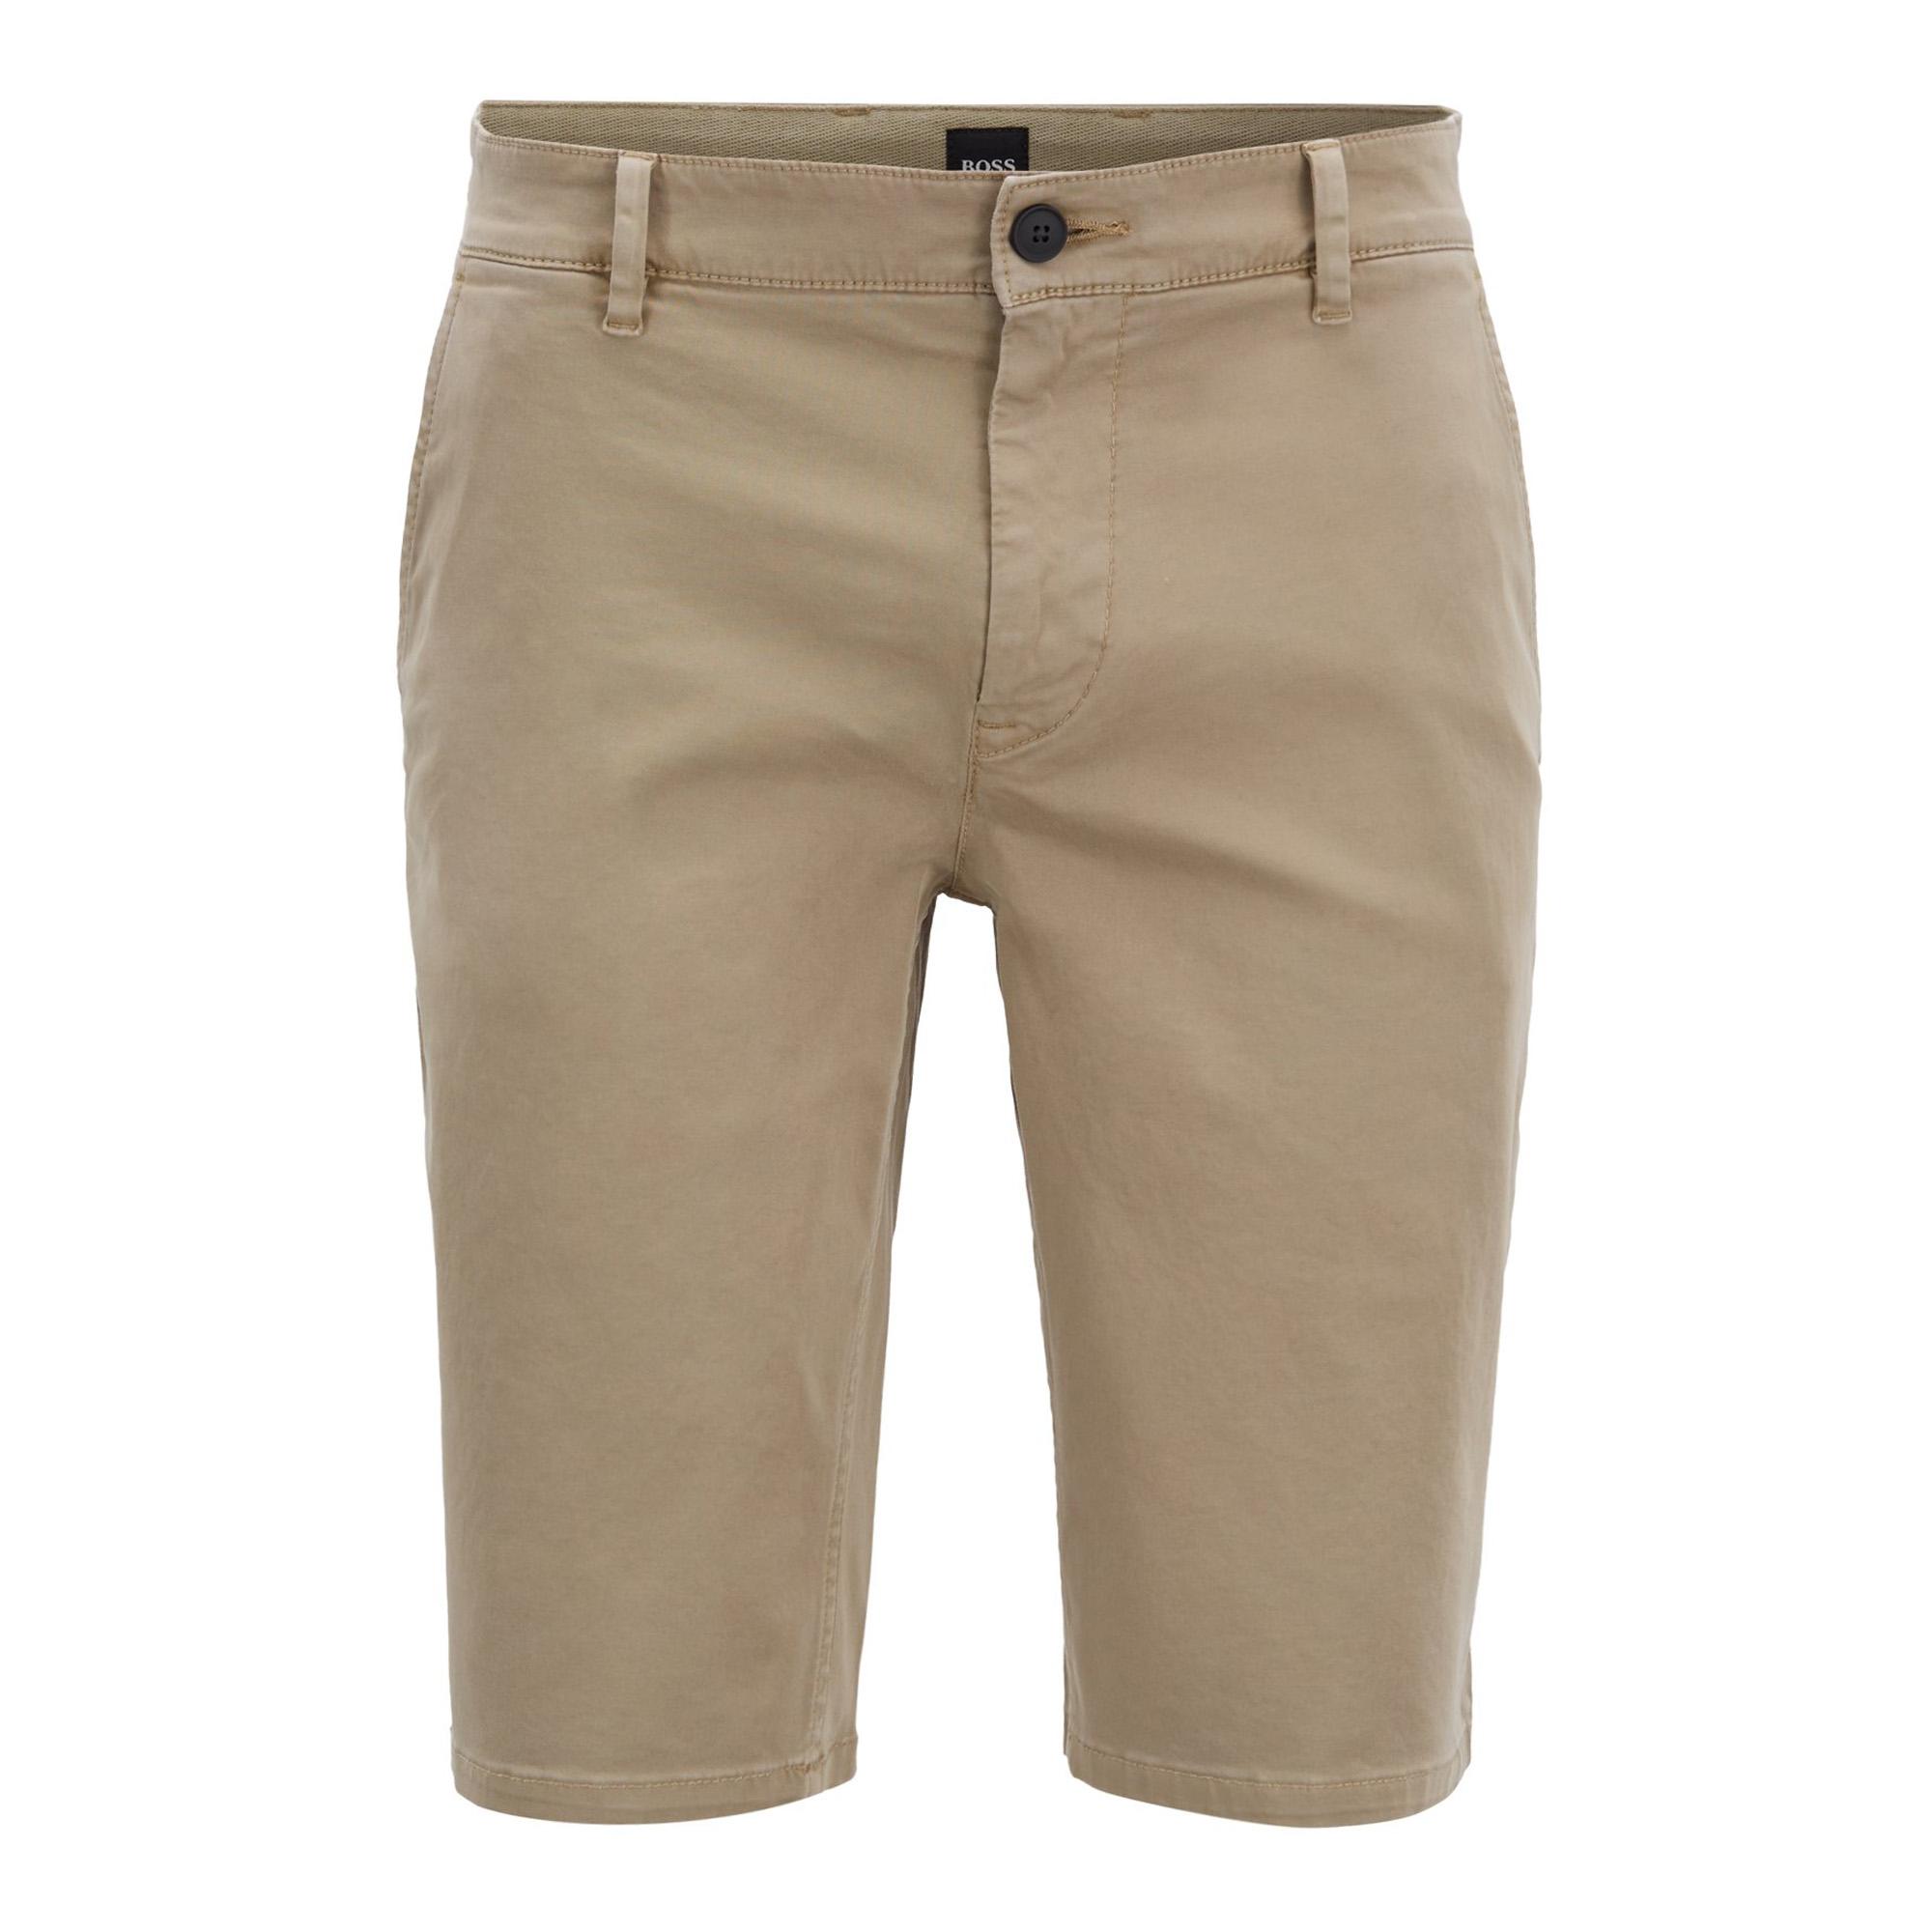 c5b7b9ffe9c Lühikesed püksid - Lühikesed püksid - Püksid - Mehed